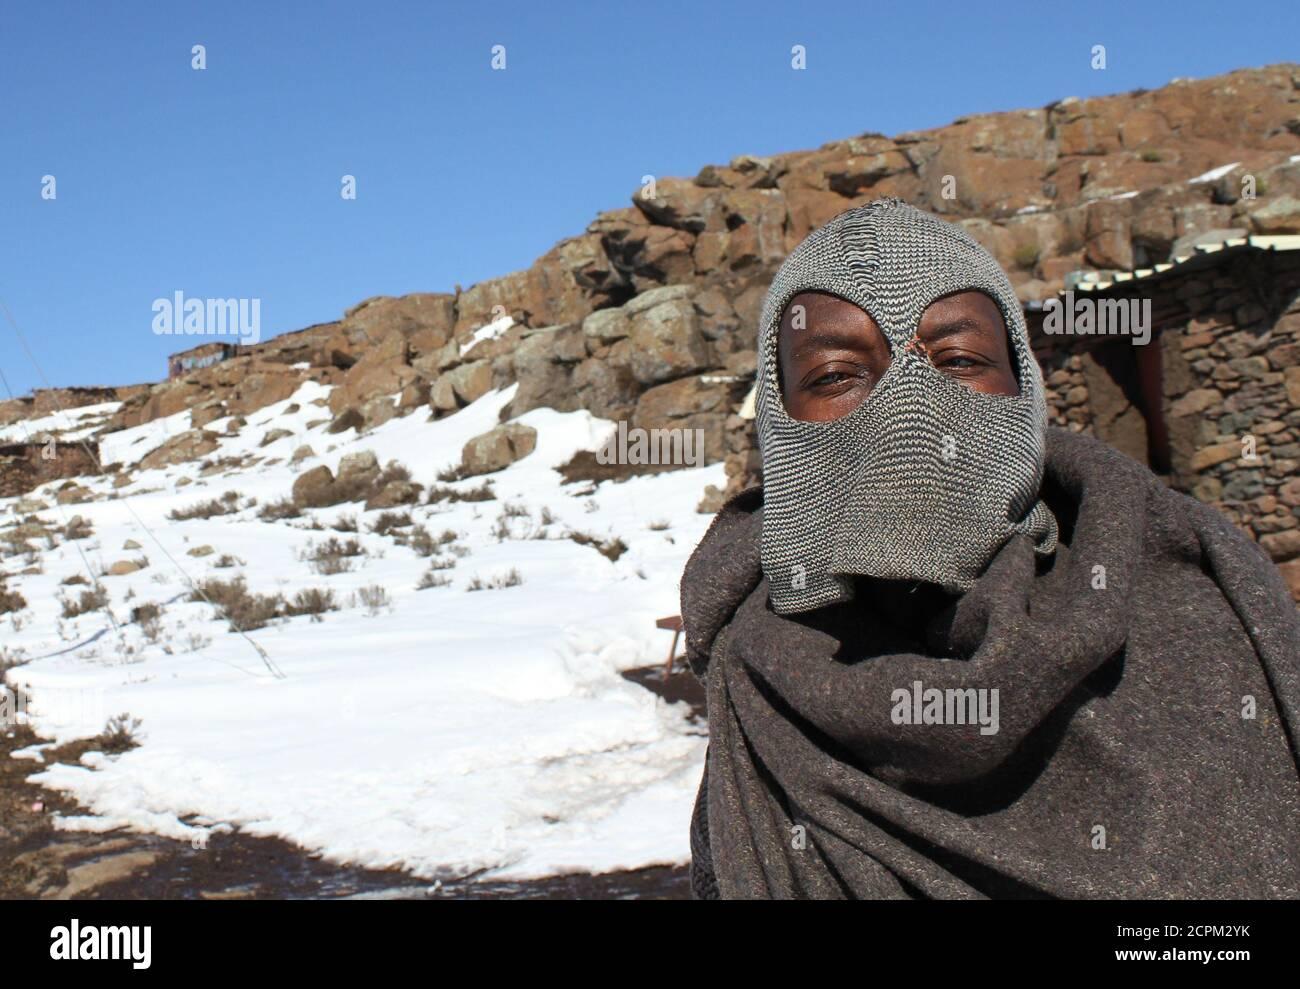 Un hombre posan en una balaclava cerca de la mina de diamantes de Letseng en el este de Lesotho, 31 de julio de 2011. Las temperaturas invernales en el reino de las montañas del sur de África a menudo caen por debajo de la congelación y recientemente cayeron fuertes nevadas allí y en partes de la vecina Sudáfrica. Foto tomada el 31 de julio de 2011. REUTERS/Matthew Tostevin (LESOTHO - Tags: SOCIEDAD DEL MEDIO AMBIENTE) Foto de stock